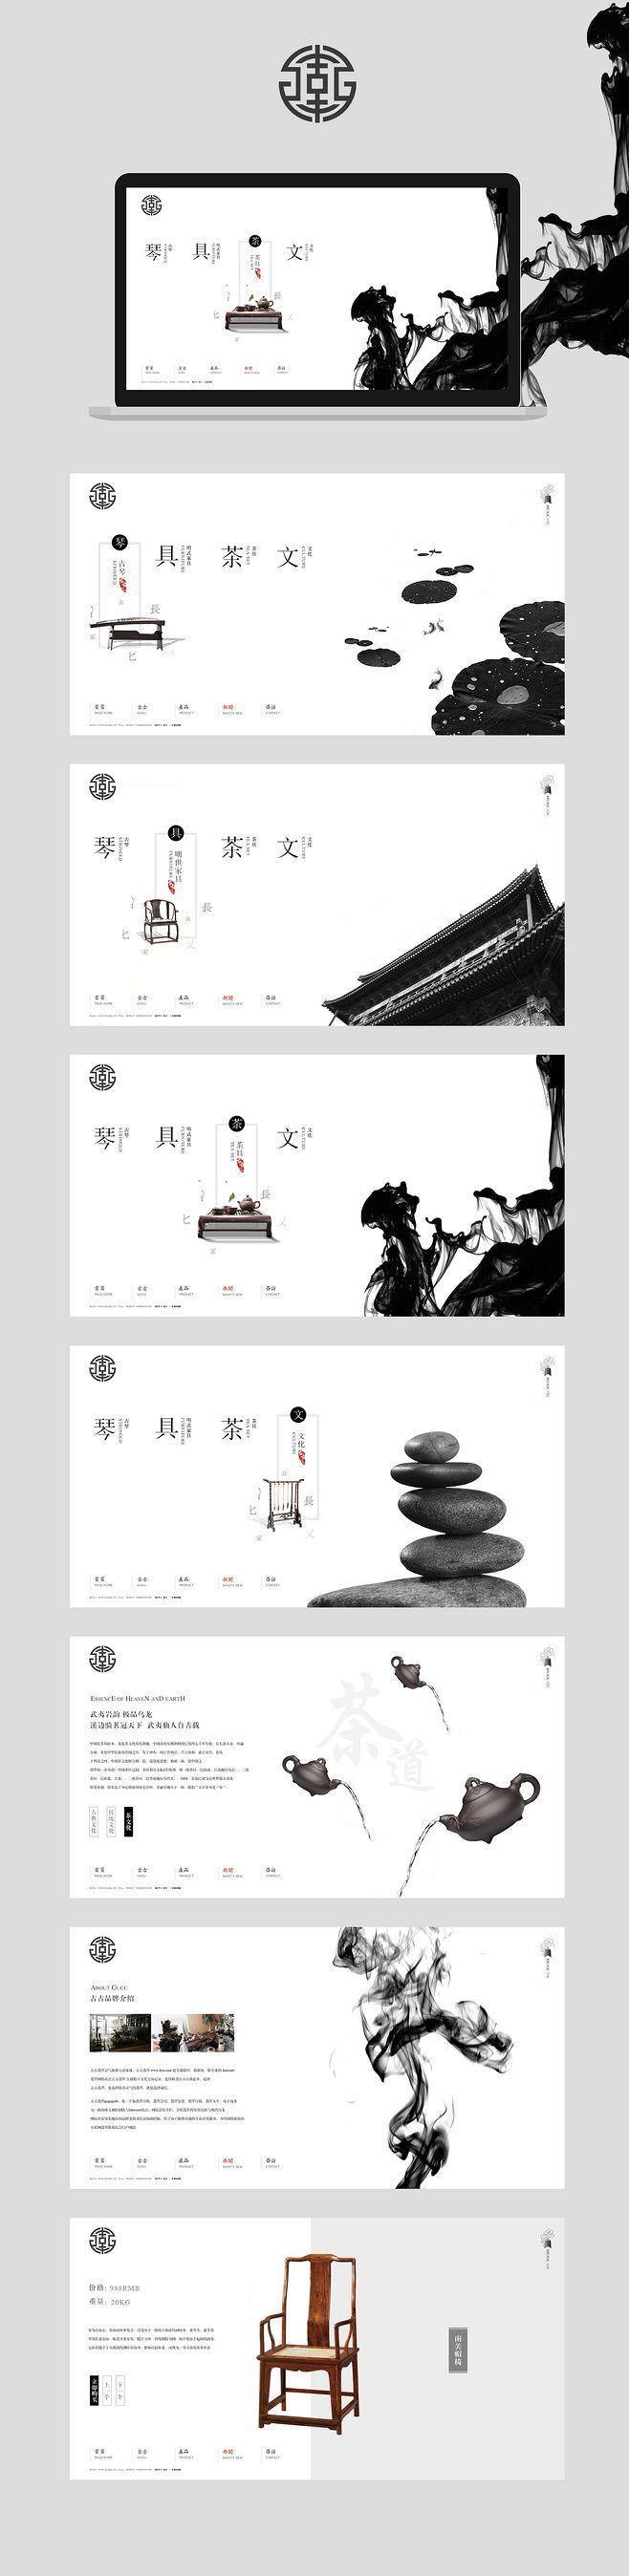 GUGU(极简中国风)_秀作品_曾山主页...@白色丶风车采集到【Web】(523图)_花瓣UI/UX